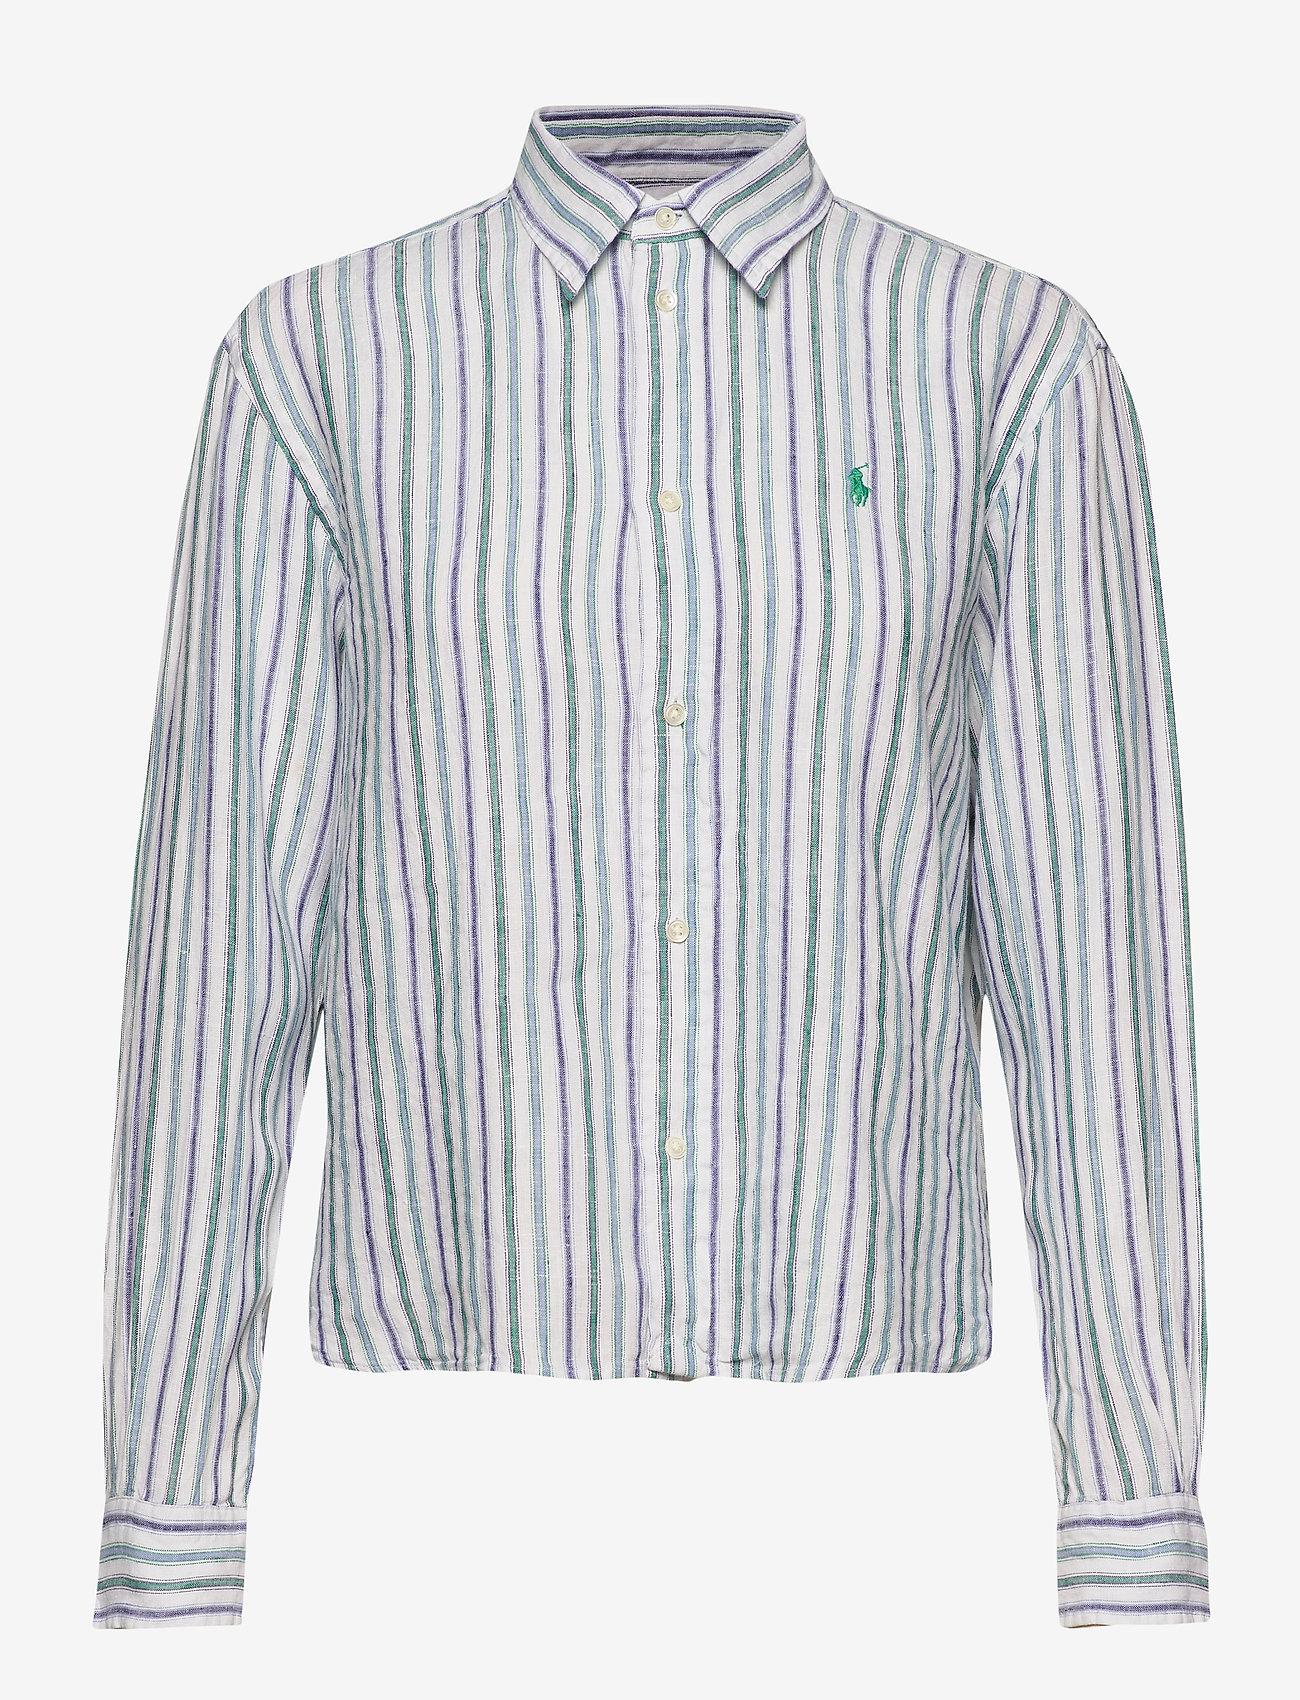 Polo Ralph Lauren - Striped Linen Shirt - long-sleeved shirts - 508 blue green/wh - 0